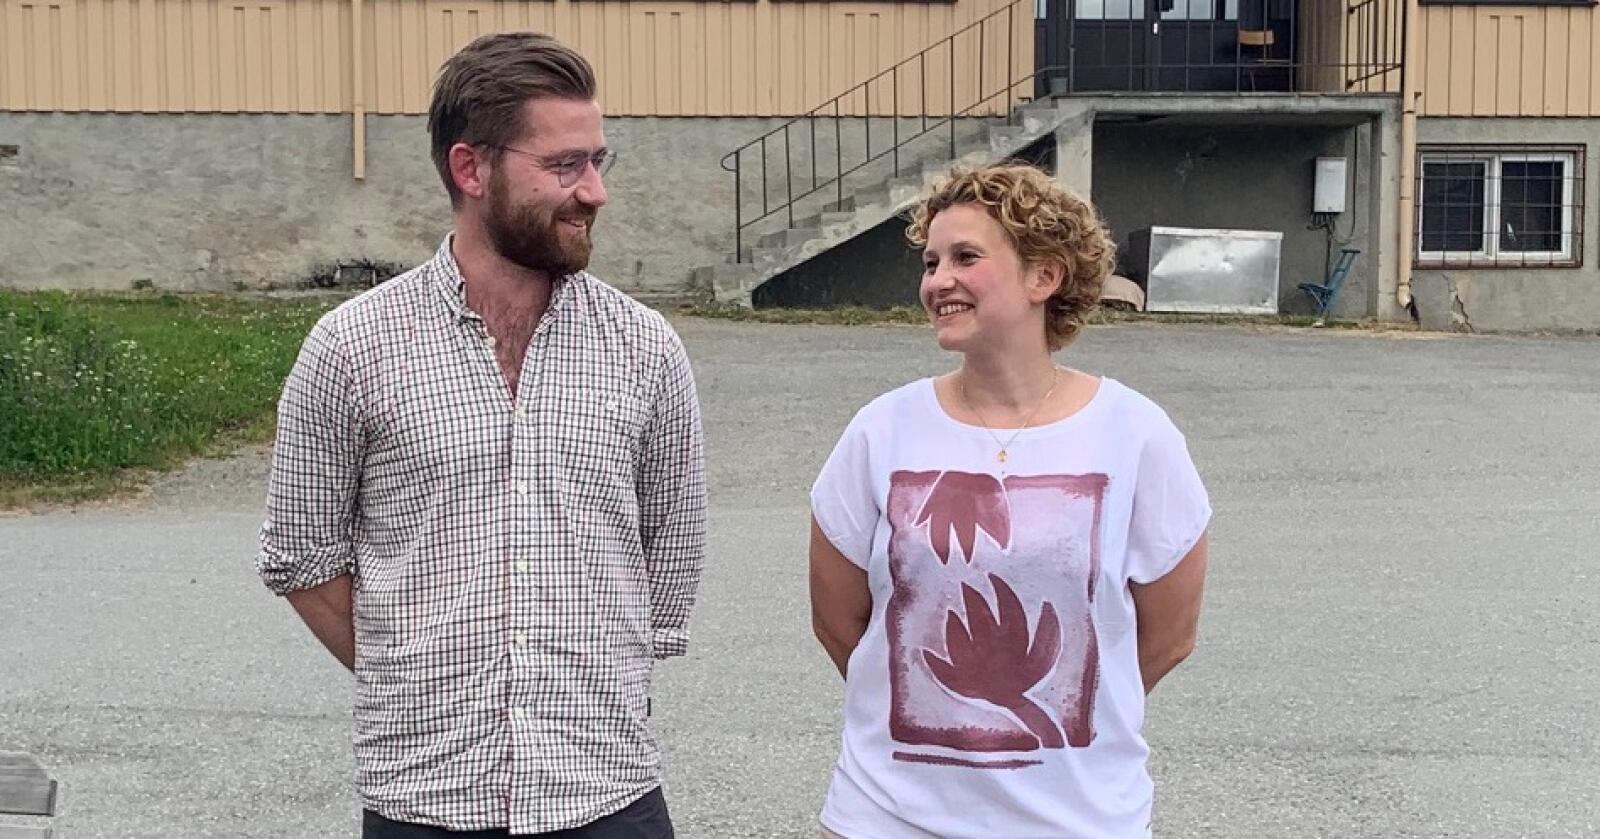 Klima- og miljøminister Sveinung Rotevatn møtte sauenæringa i Målselv forrige uke. Her sammen med leder av Troms Bondelag, Tone Rubach. (Foto: Jan Ottar Østring)